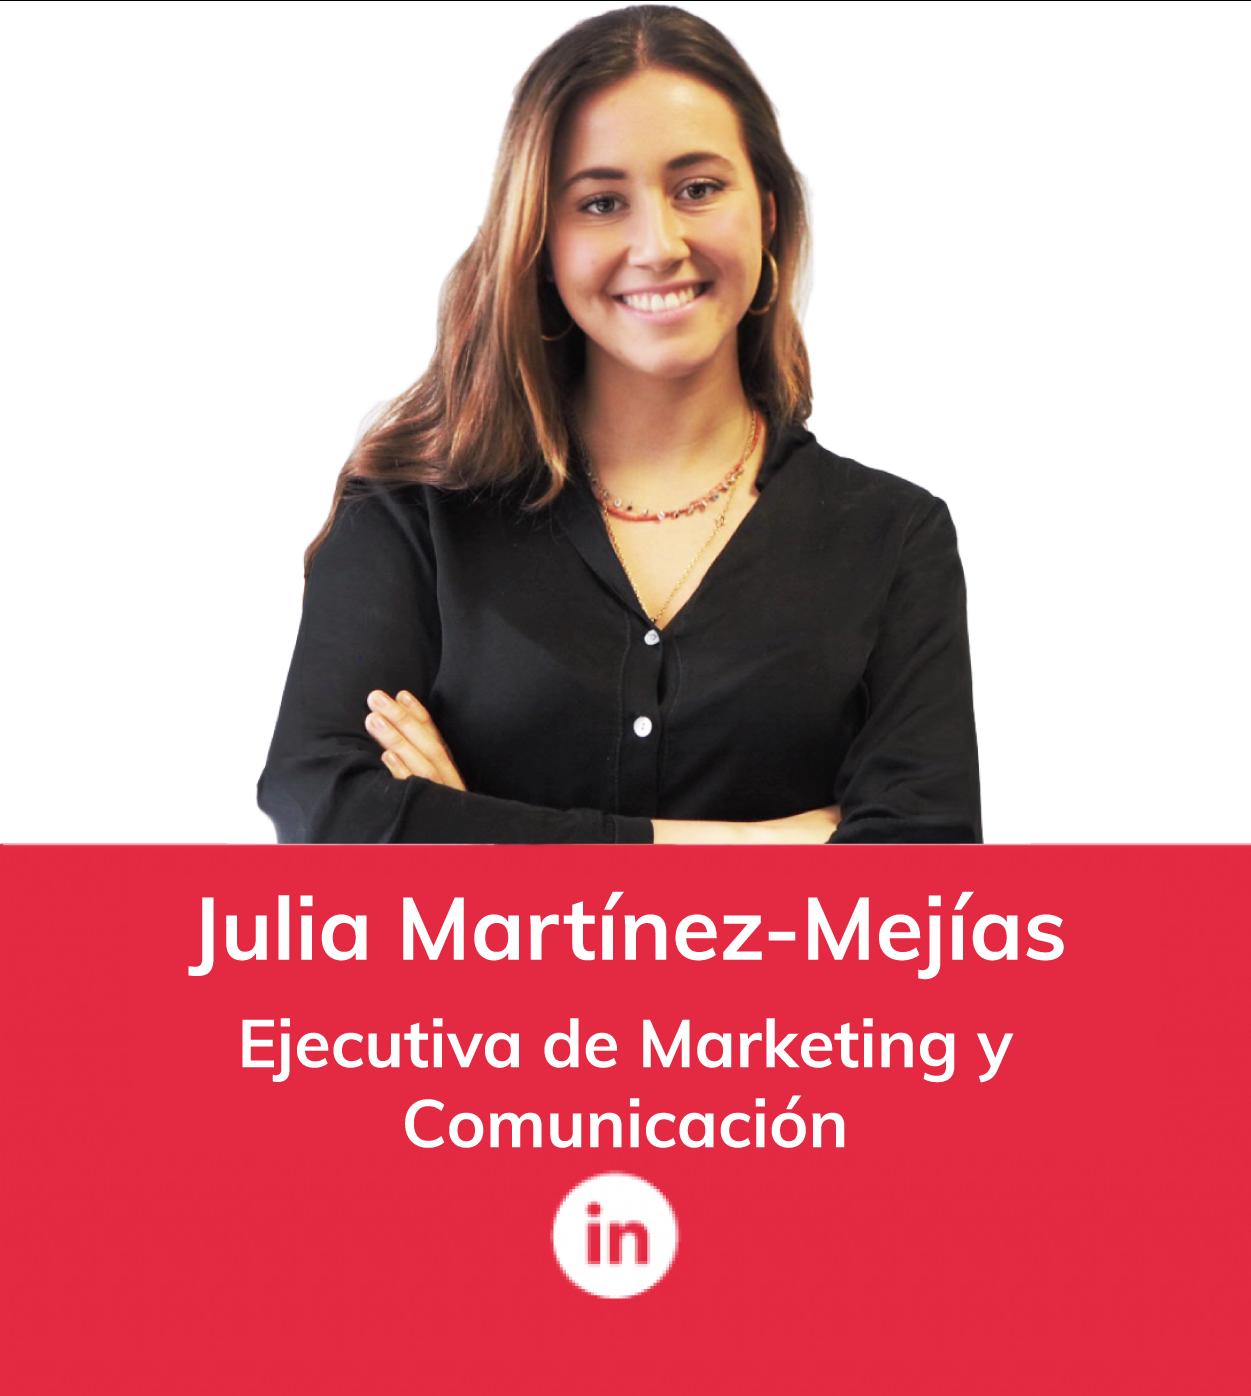 Julia Martínez-Mejías